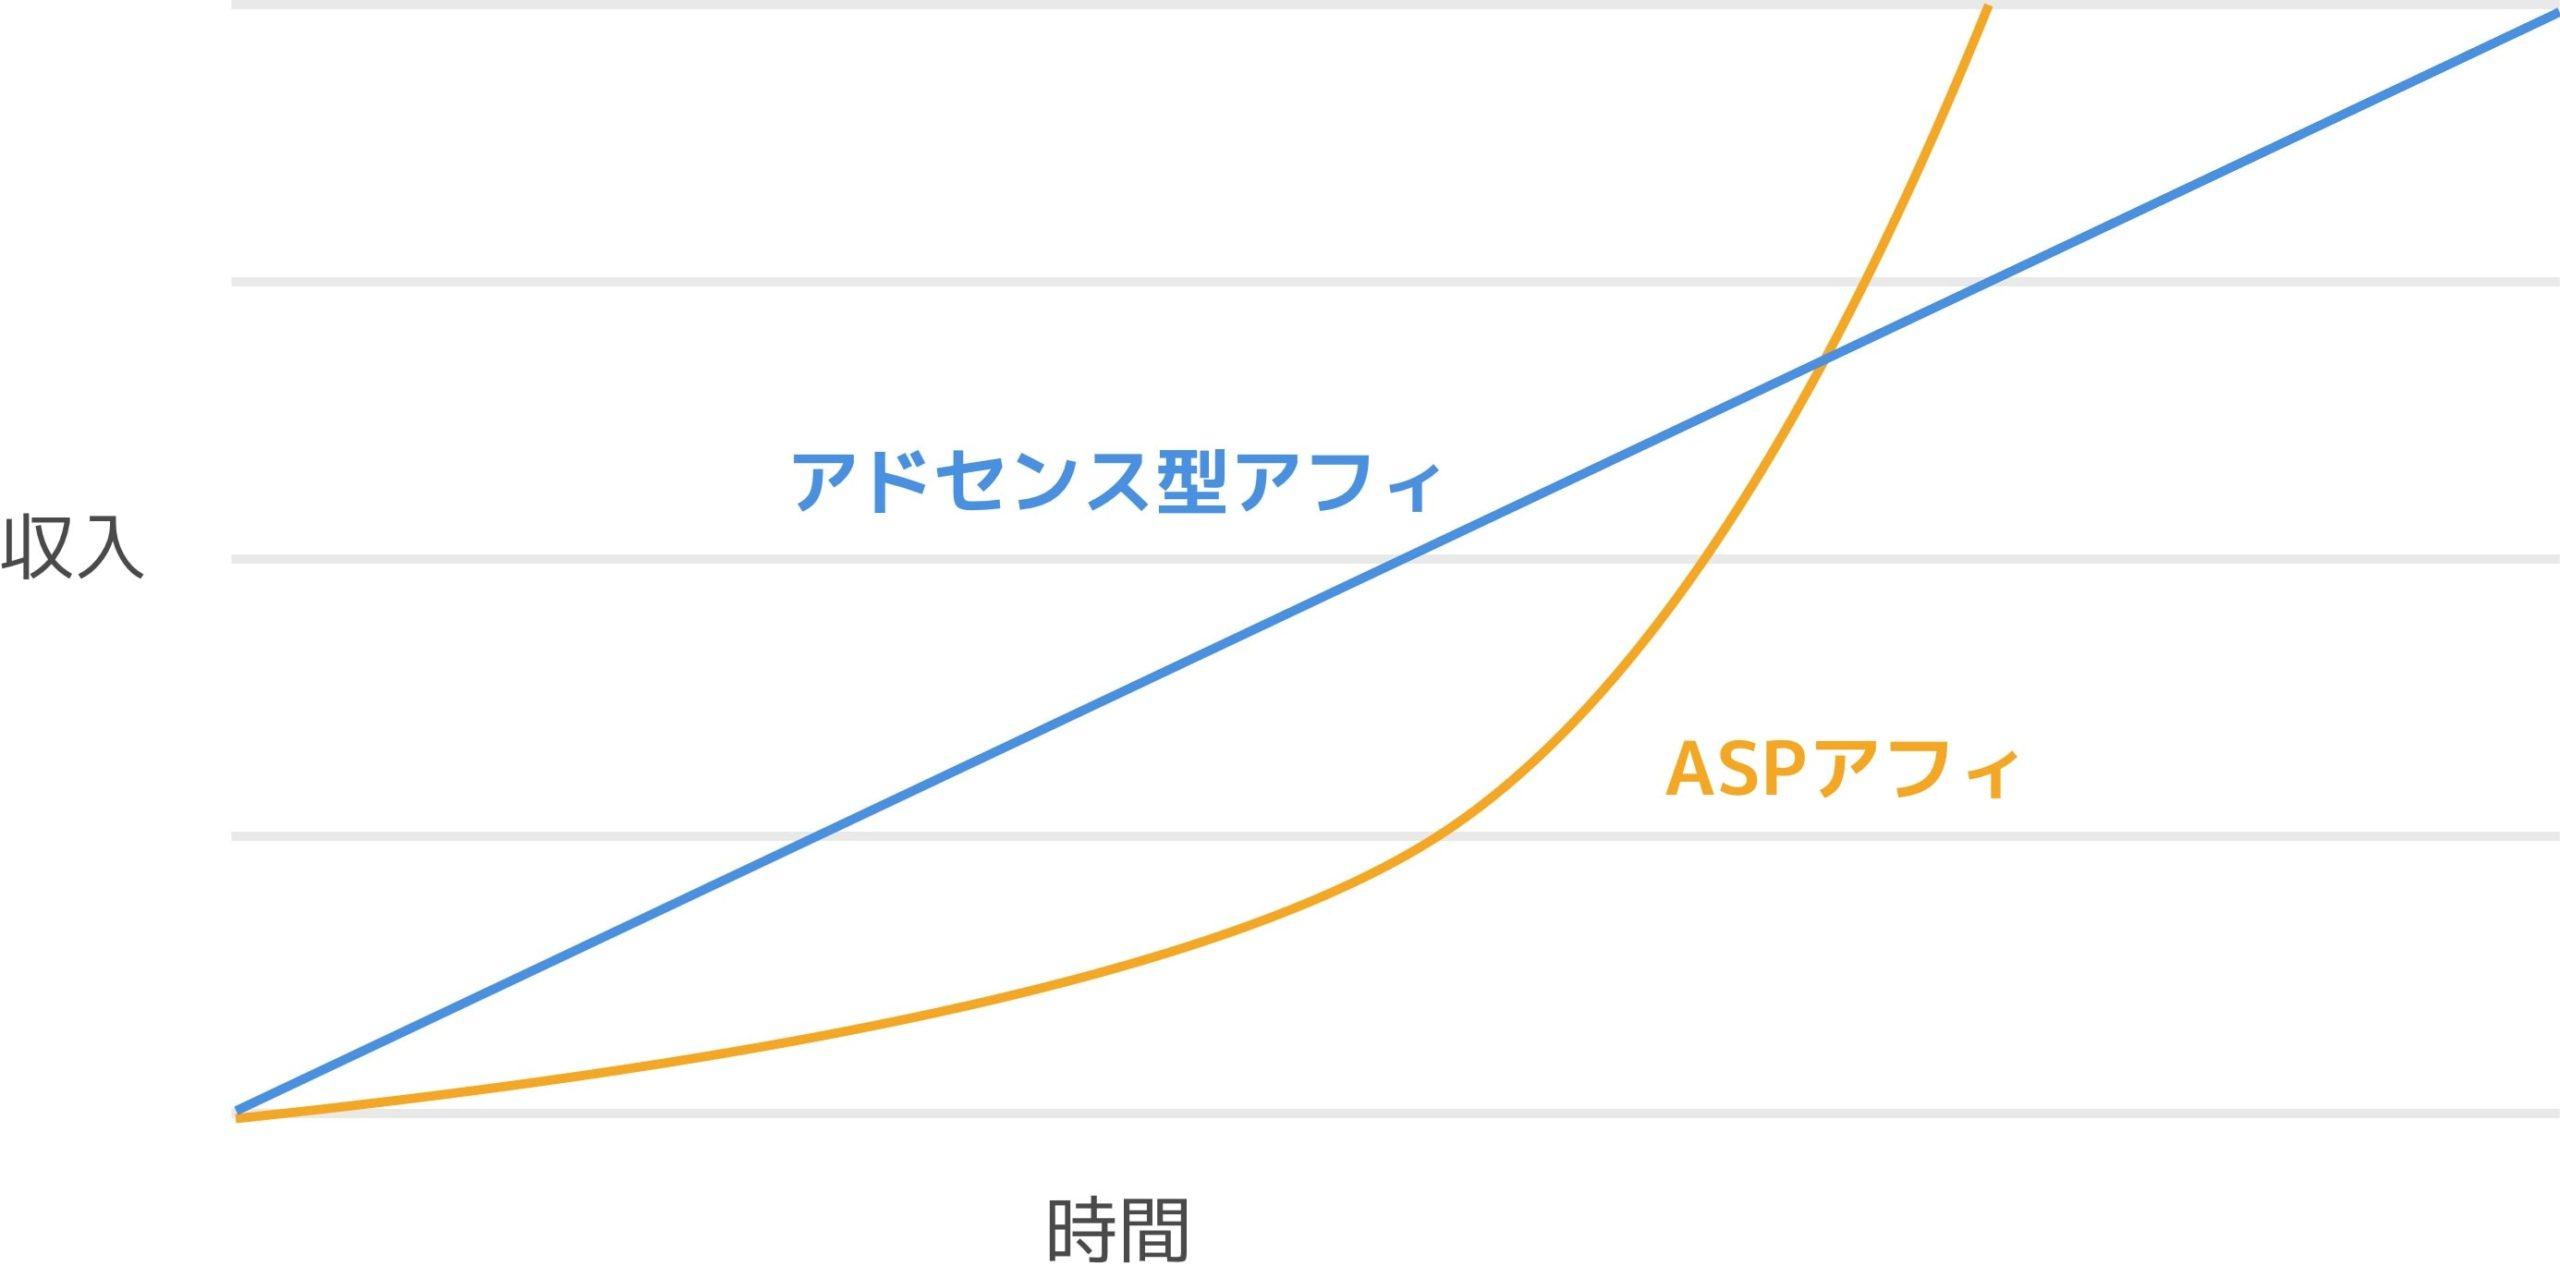 アドセンス型アフィリエイトとASPアフィリエイト型の収益と時間の関係